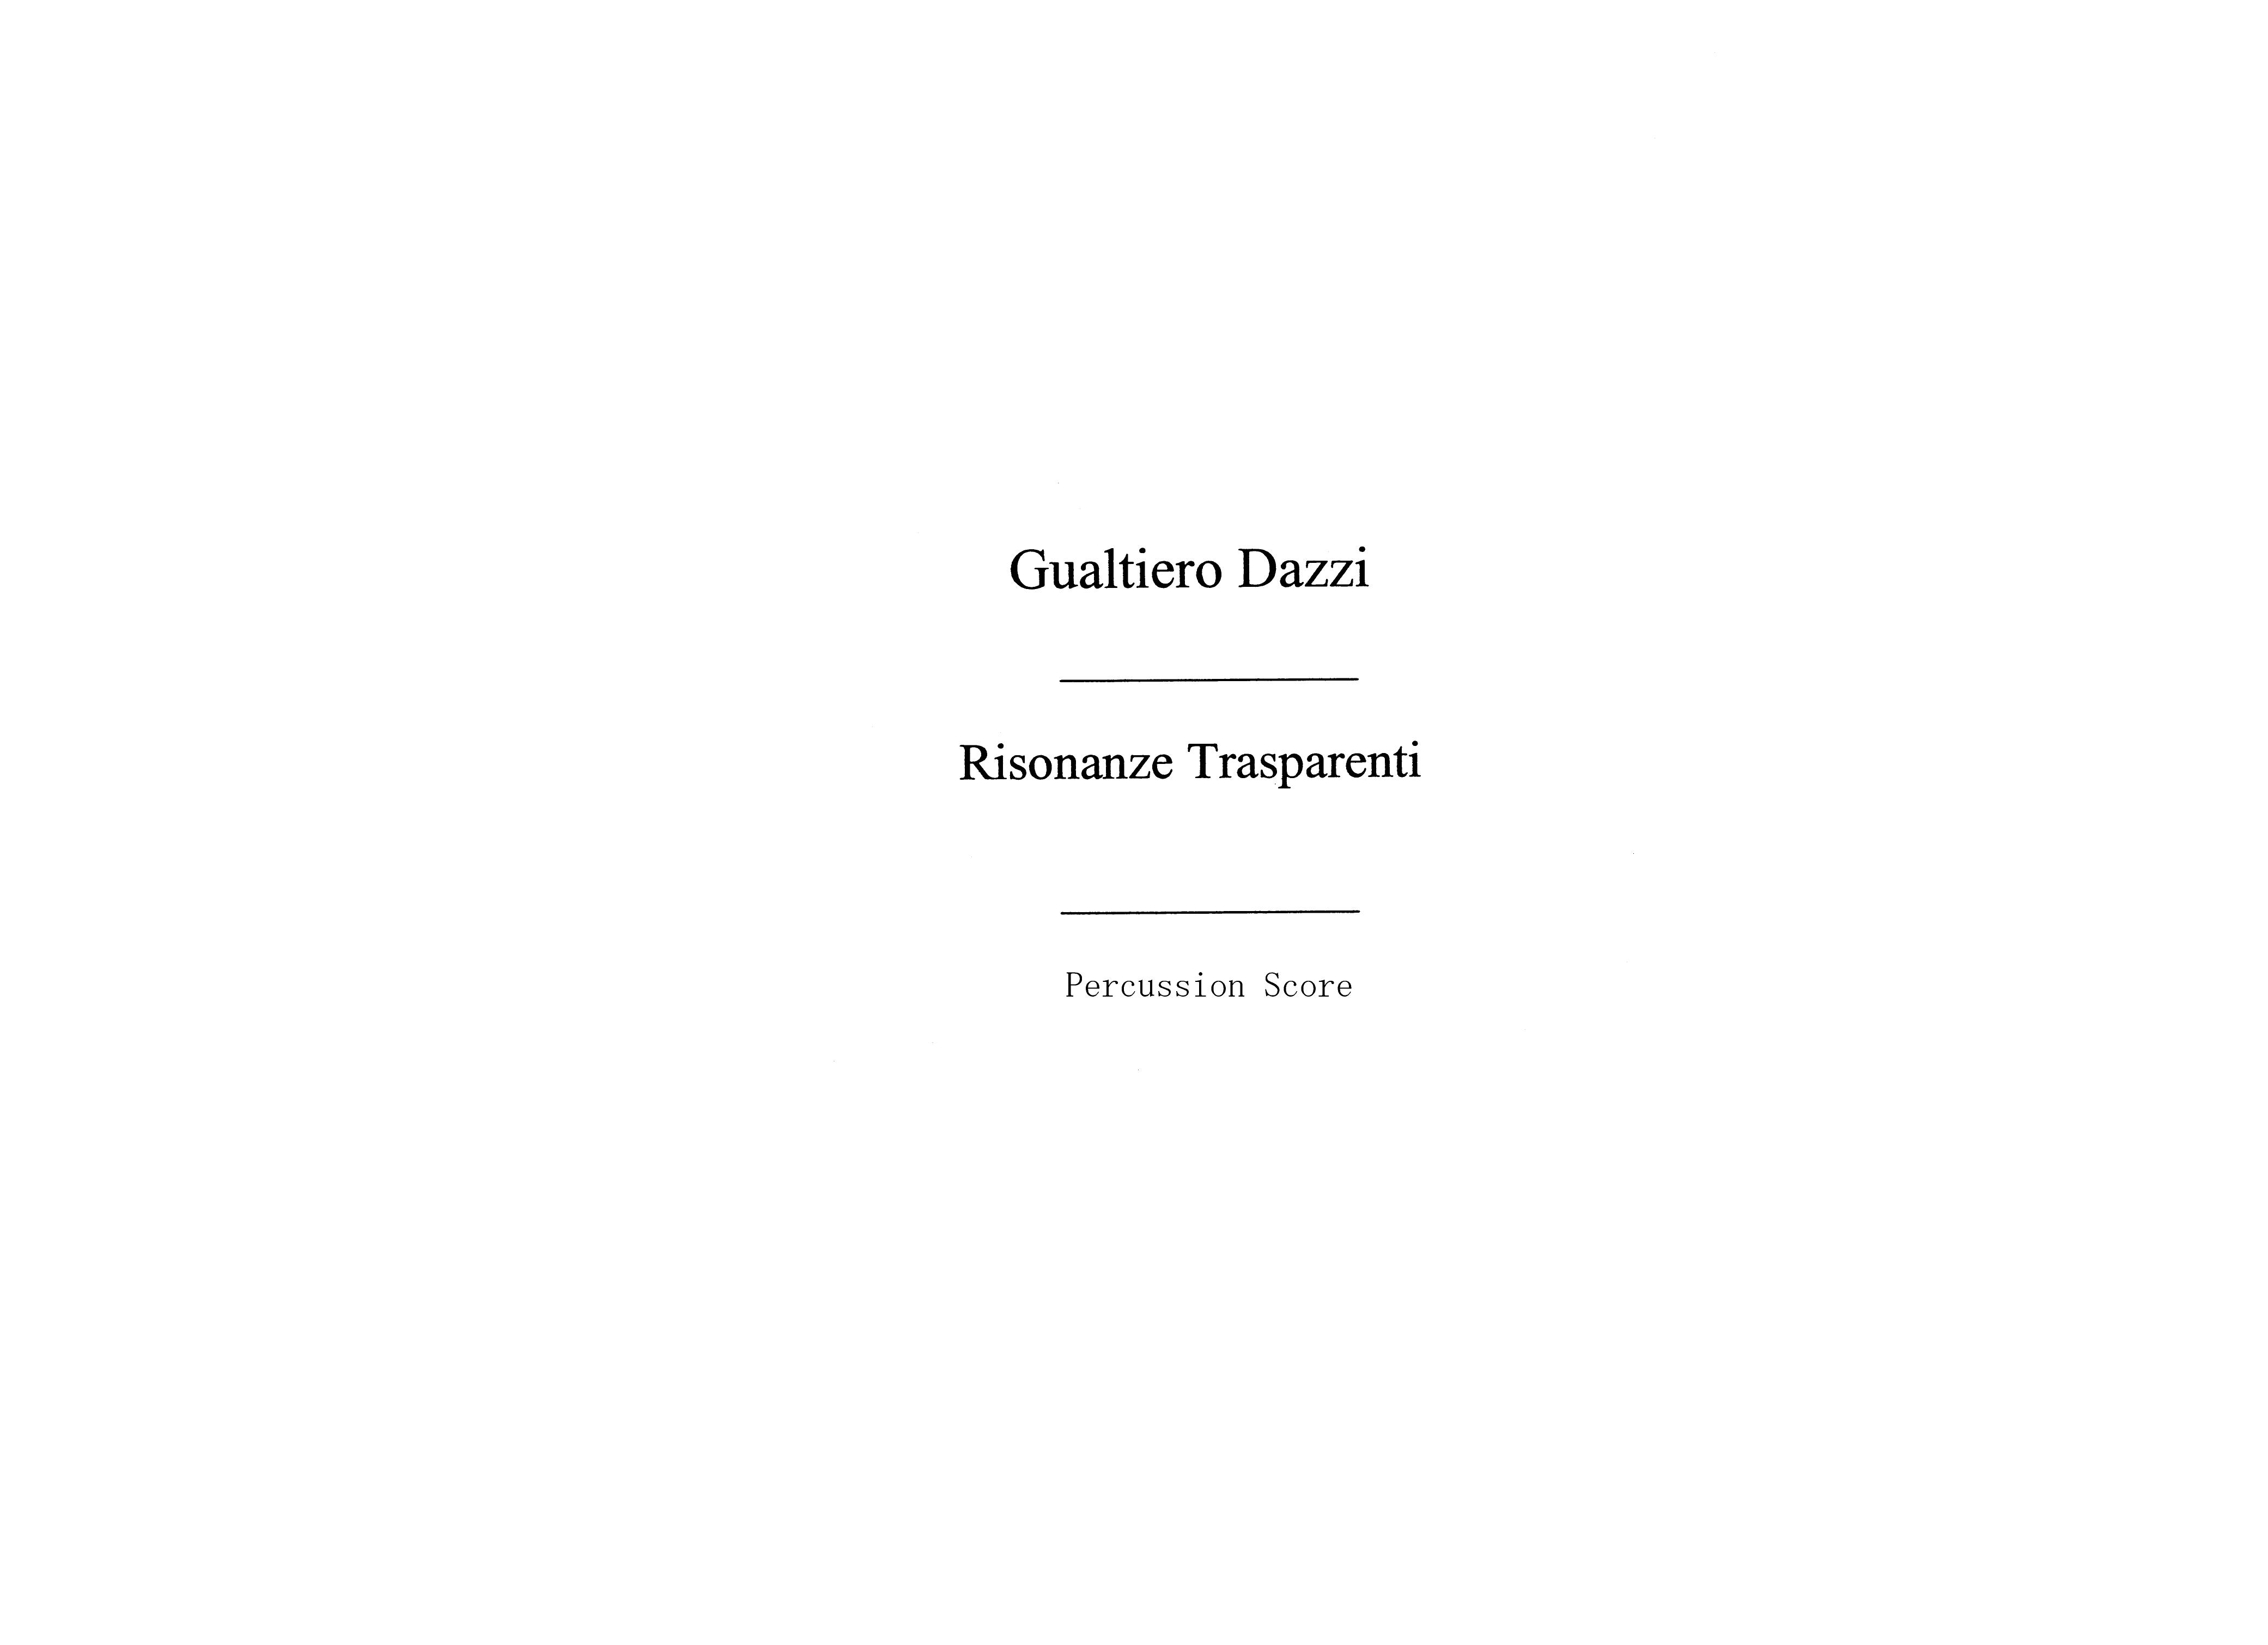 Gualtiero Dazzi: Risonanze Trasparenti: Percussion: Score